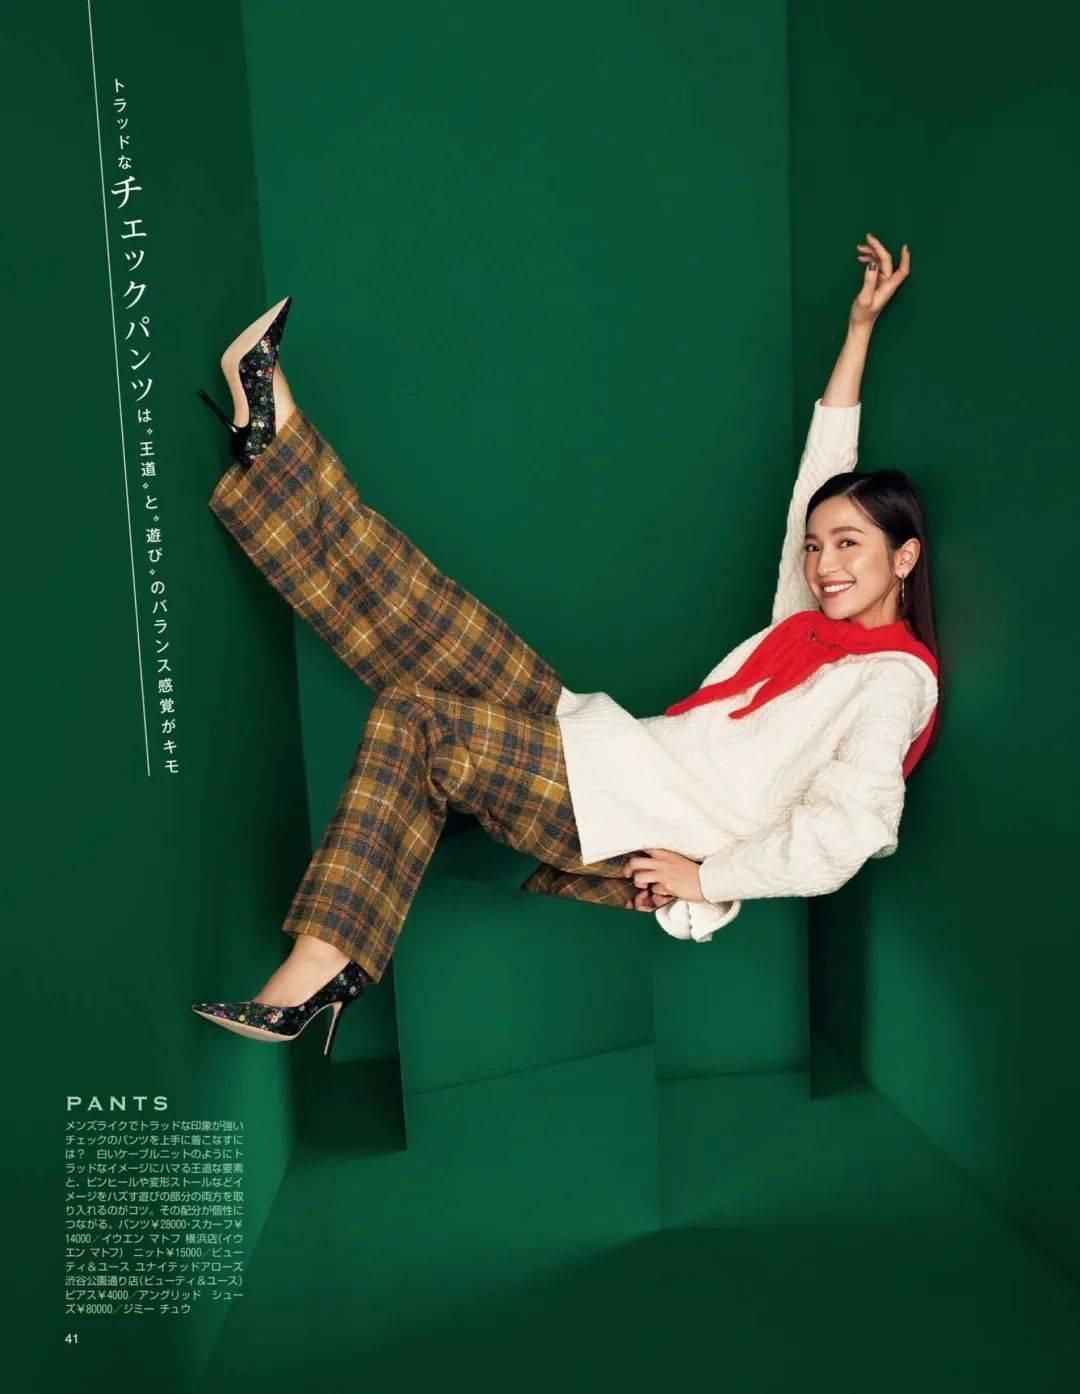 暖暖日本免费观看视频播放_bt磁力搜索天堂_两根粗大在她腿间进进出出